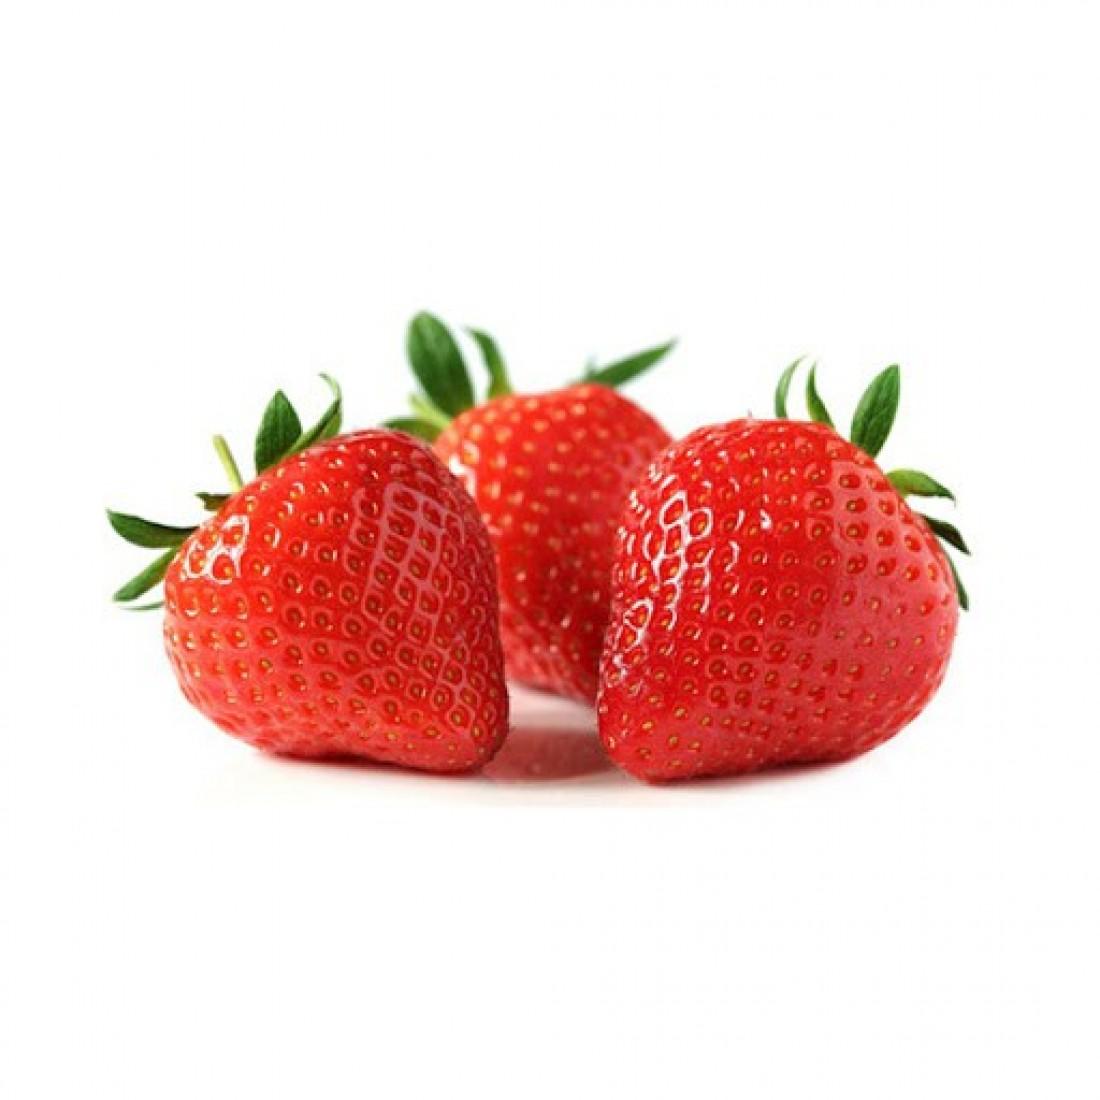 Korean Strawberries